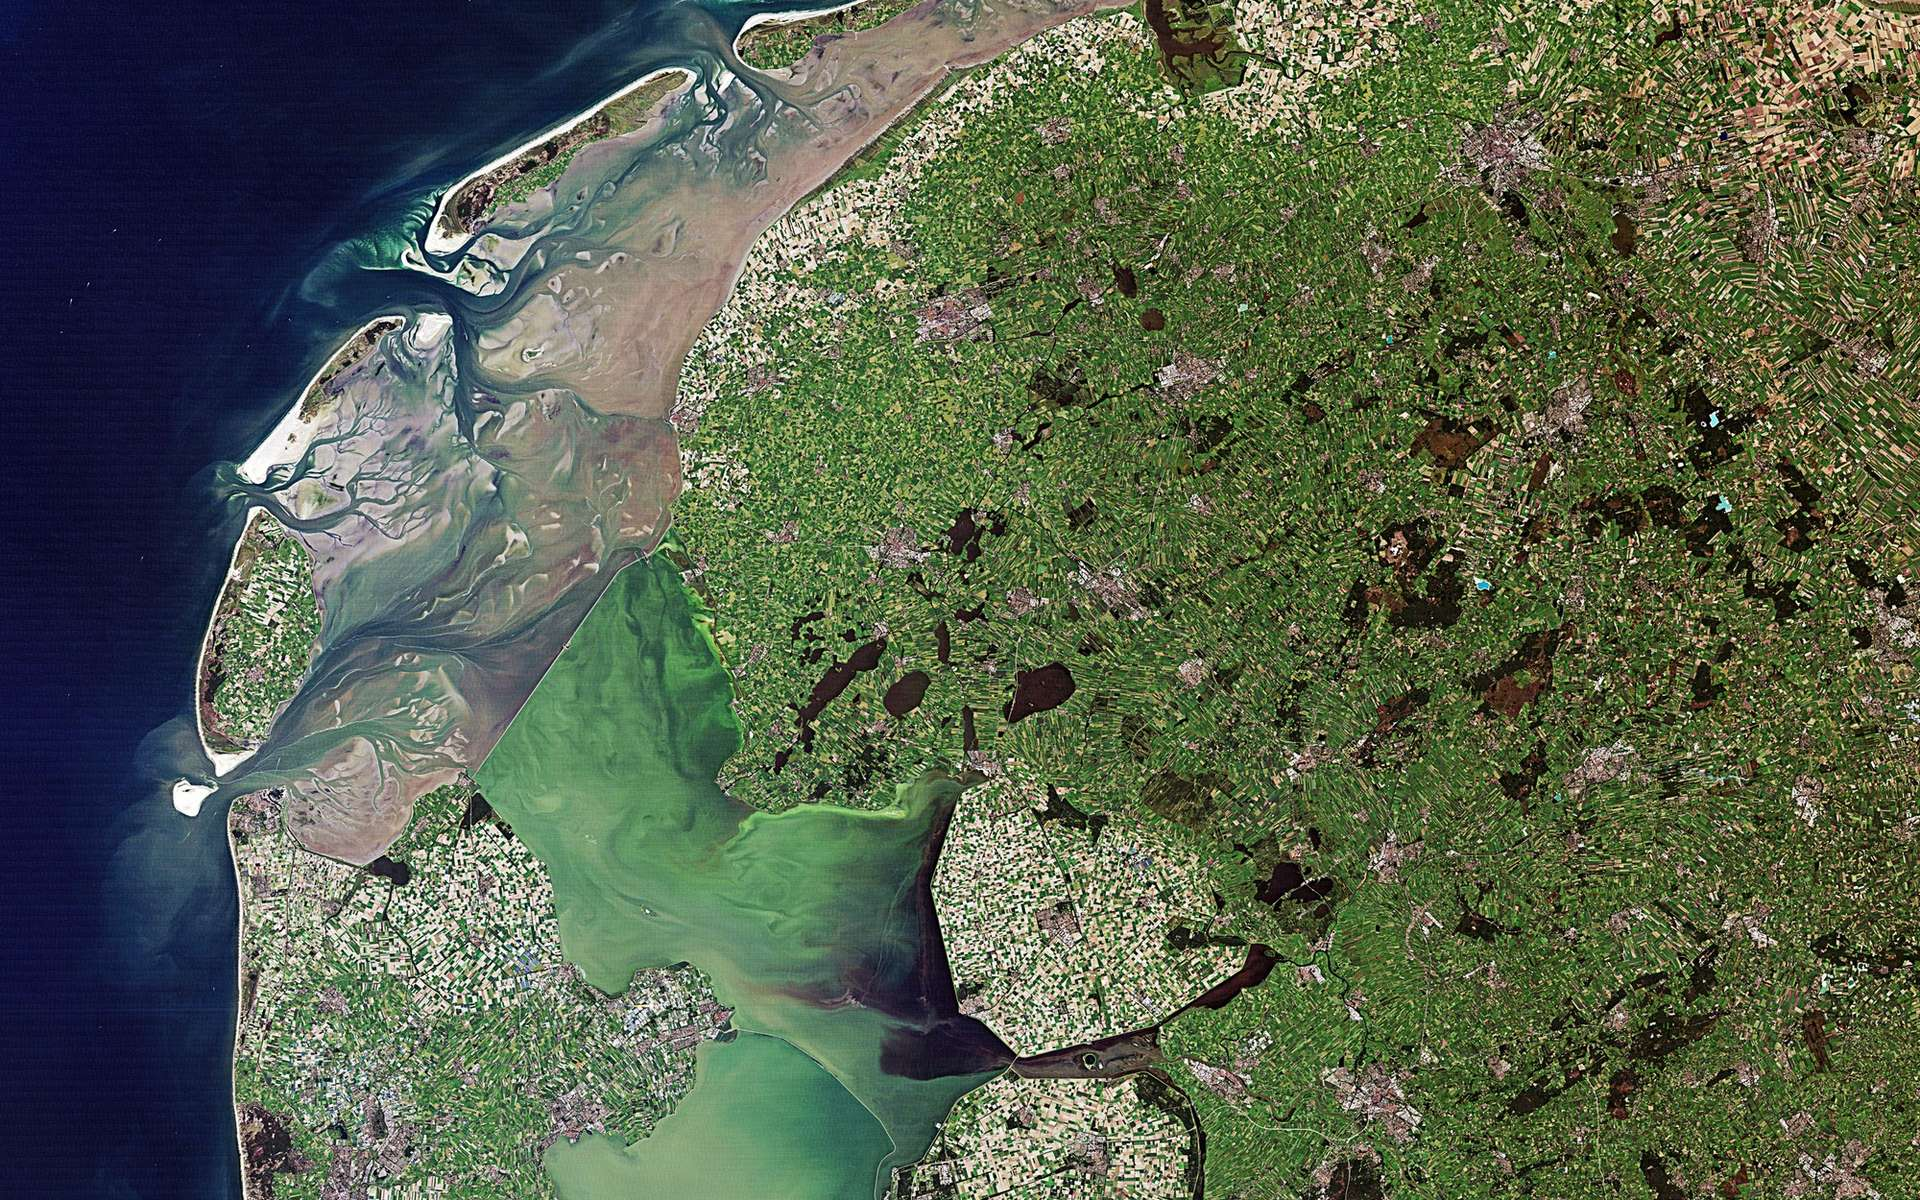 Cette image réalisée par Landsat le 6 septembre 2010 montre les polders des Pays-Bas. © USGS/Esa